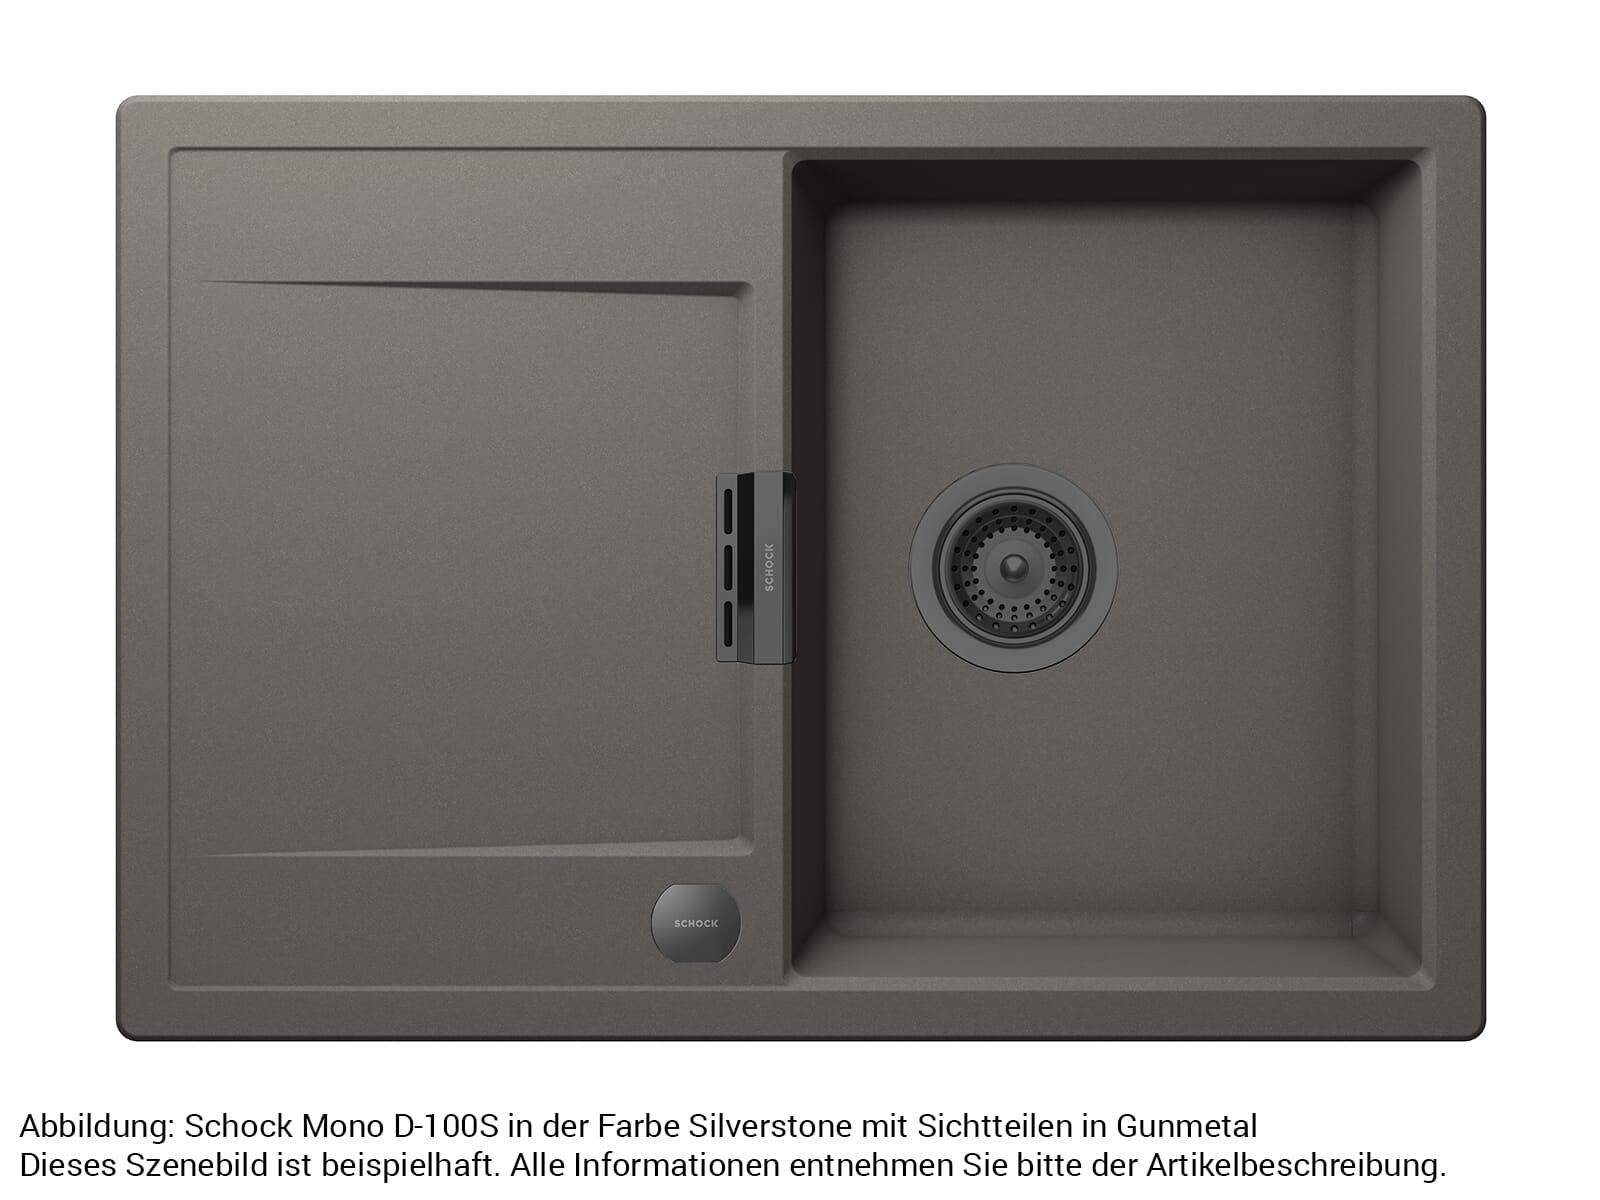 Schock 629385GUM - Sichtteile Gunmetal